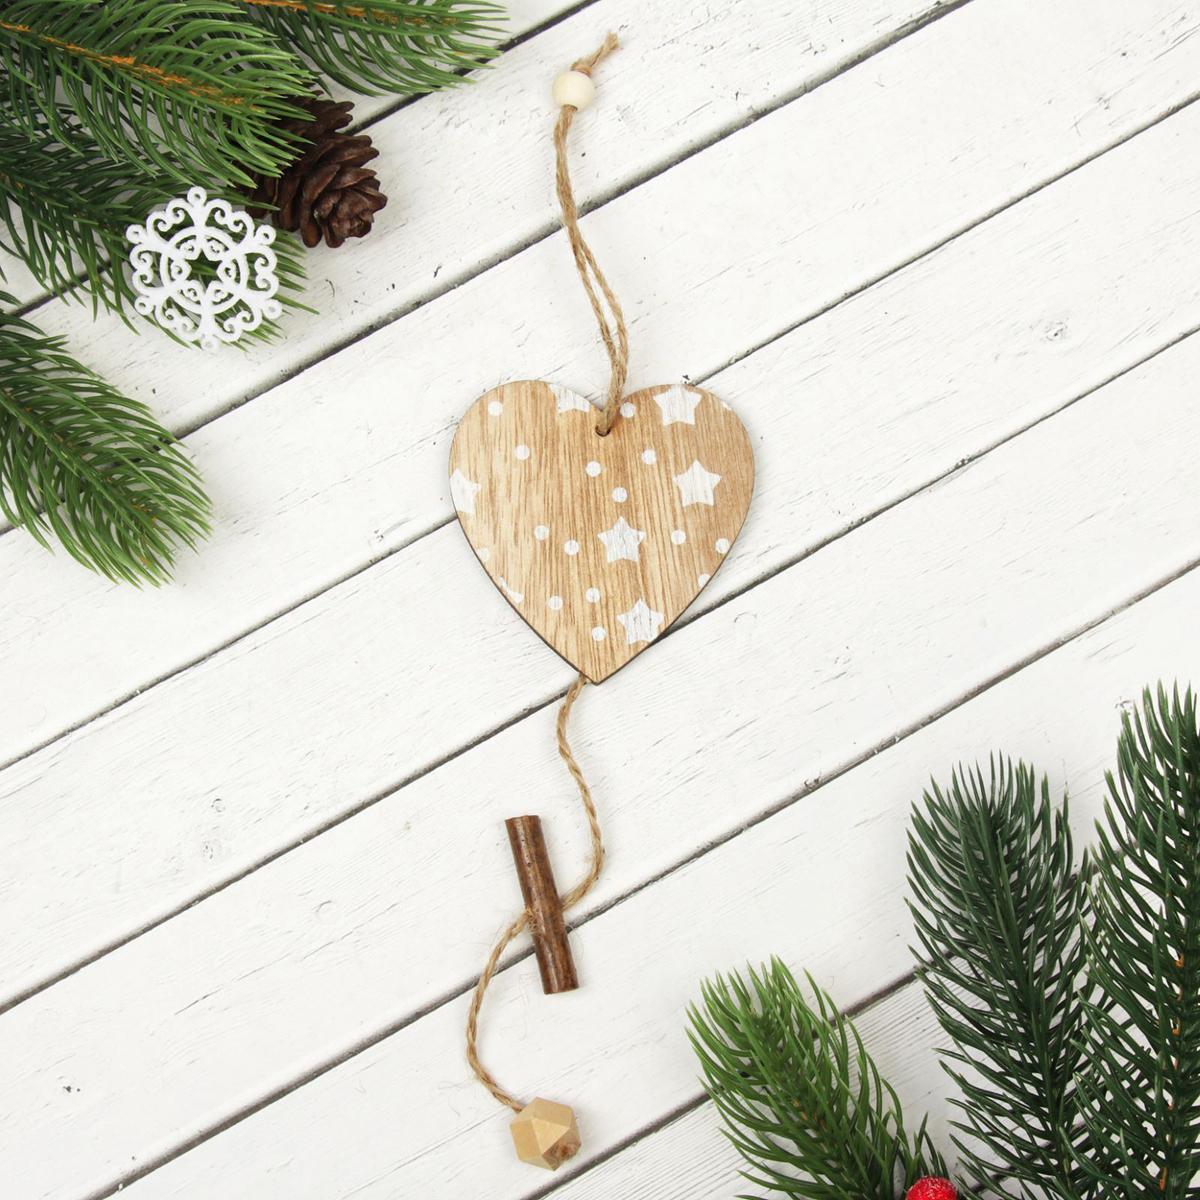 Подвеска новогодняя Сердце в звездах, 7 х 7,5 см2303240Новогодняя подвеска Сердце в звездах выполнена из дерева в виде сердца. Подвеску можно повесить на елку благодаря специальному текстильному шнурку.Невозможно представить нашу жизнь без праздников! Мы всегда ждем их и предвкушаем, обдумываем, как проведем памятный день, тщательно выбираем подарки и аксессуары, ведь именно они создают и поддерживают торжественный настрой. Это отличный выбор, который привнесет атмосферу праздника в ваш дом!